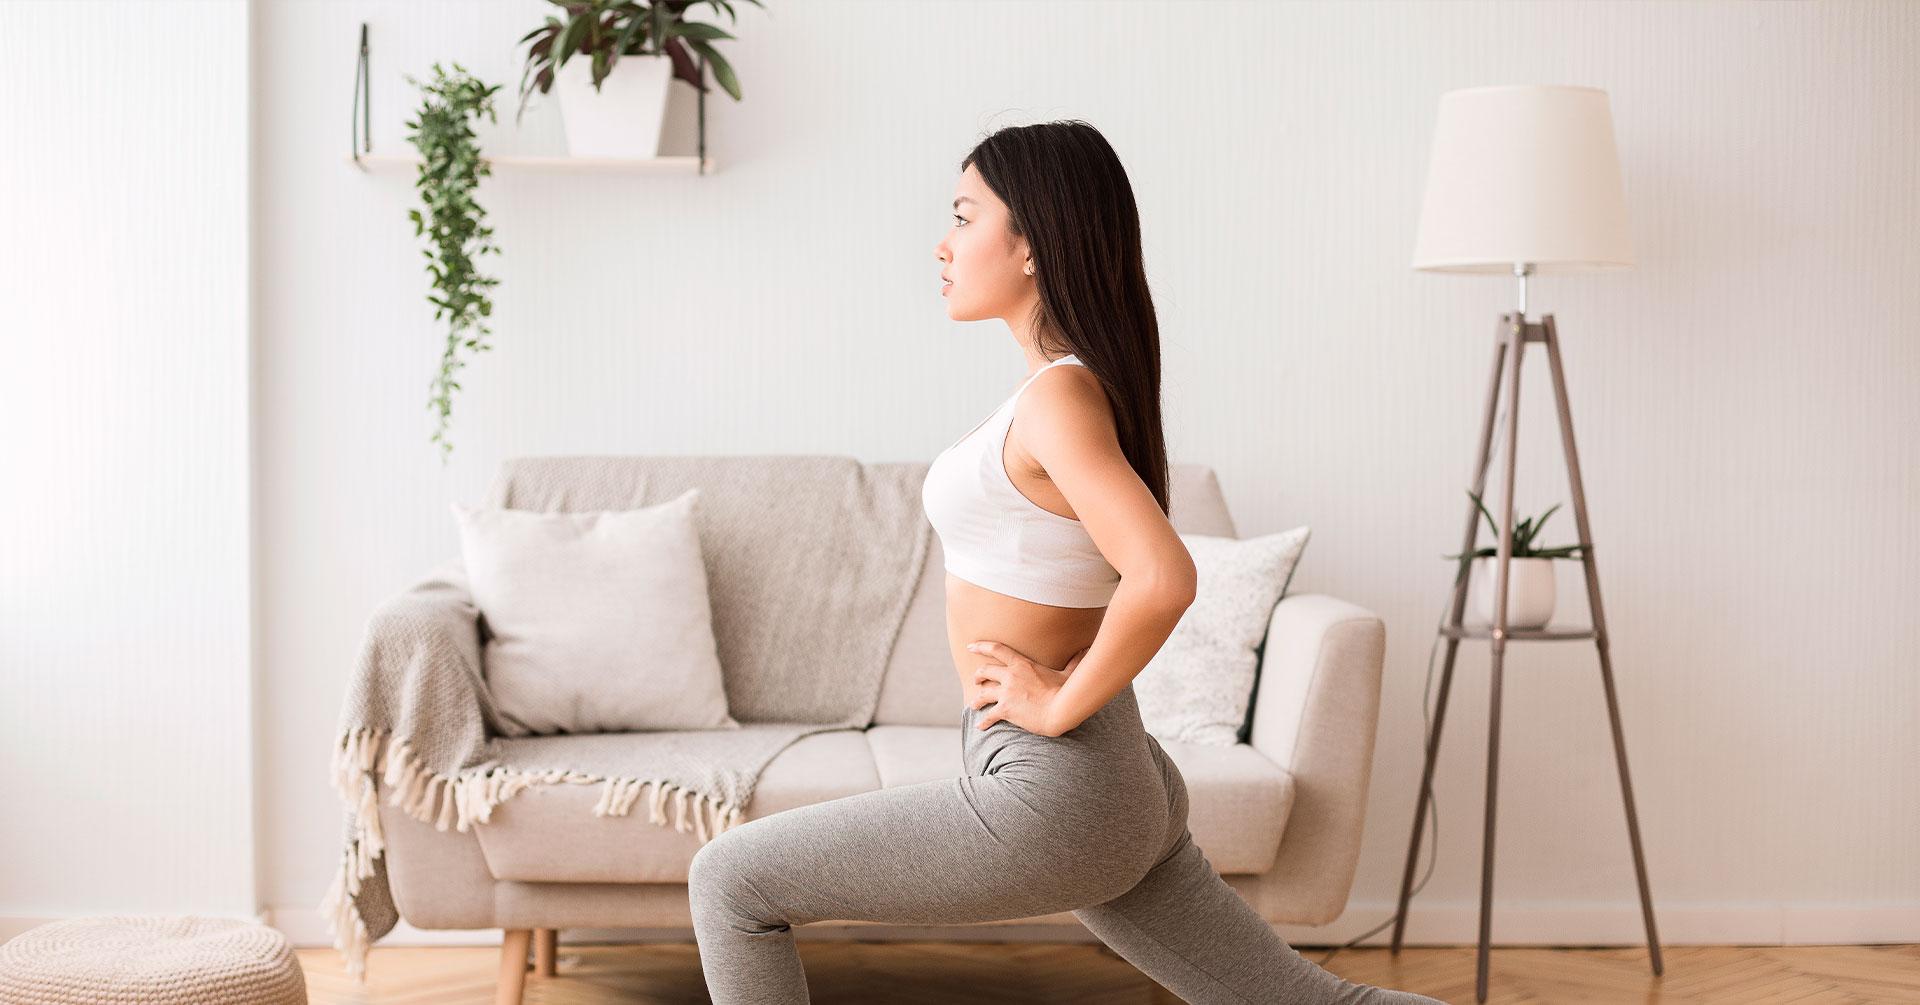 Ejercicios para piernas que mejorarán tu circulación